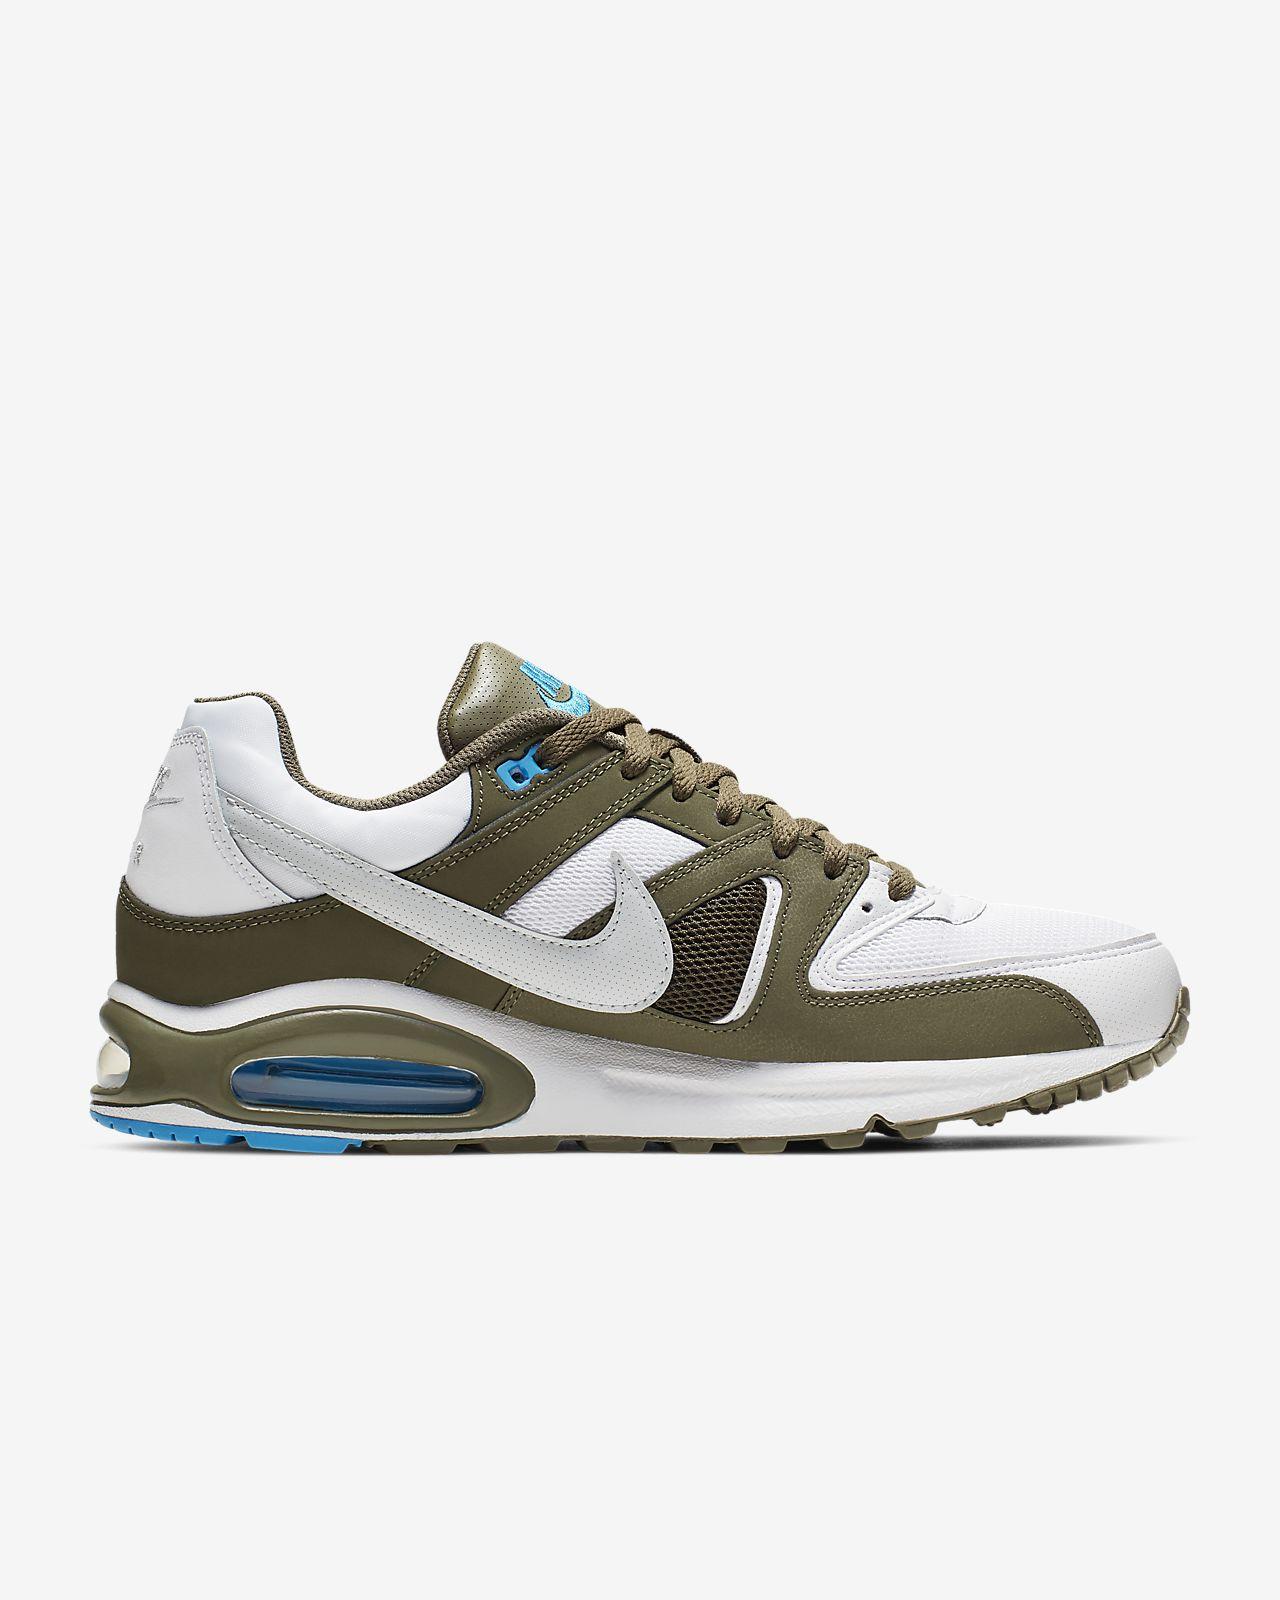 90ef0001e3 Nike Air Max Command Men's Shoe. Nike.com AU